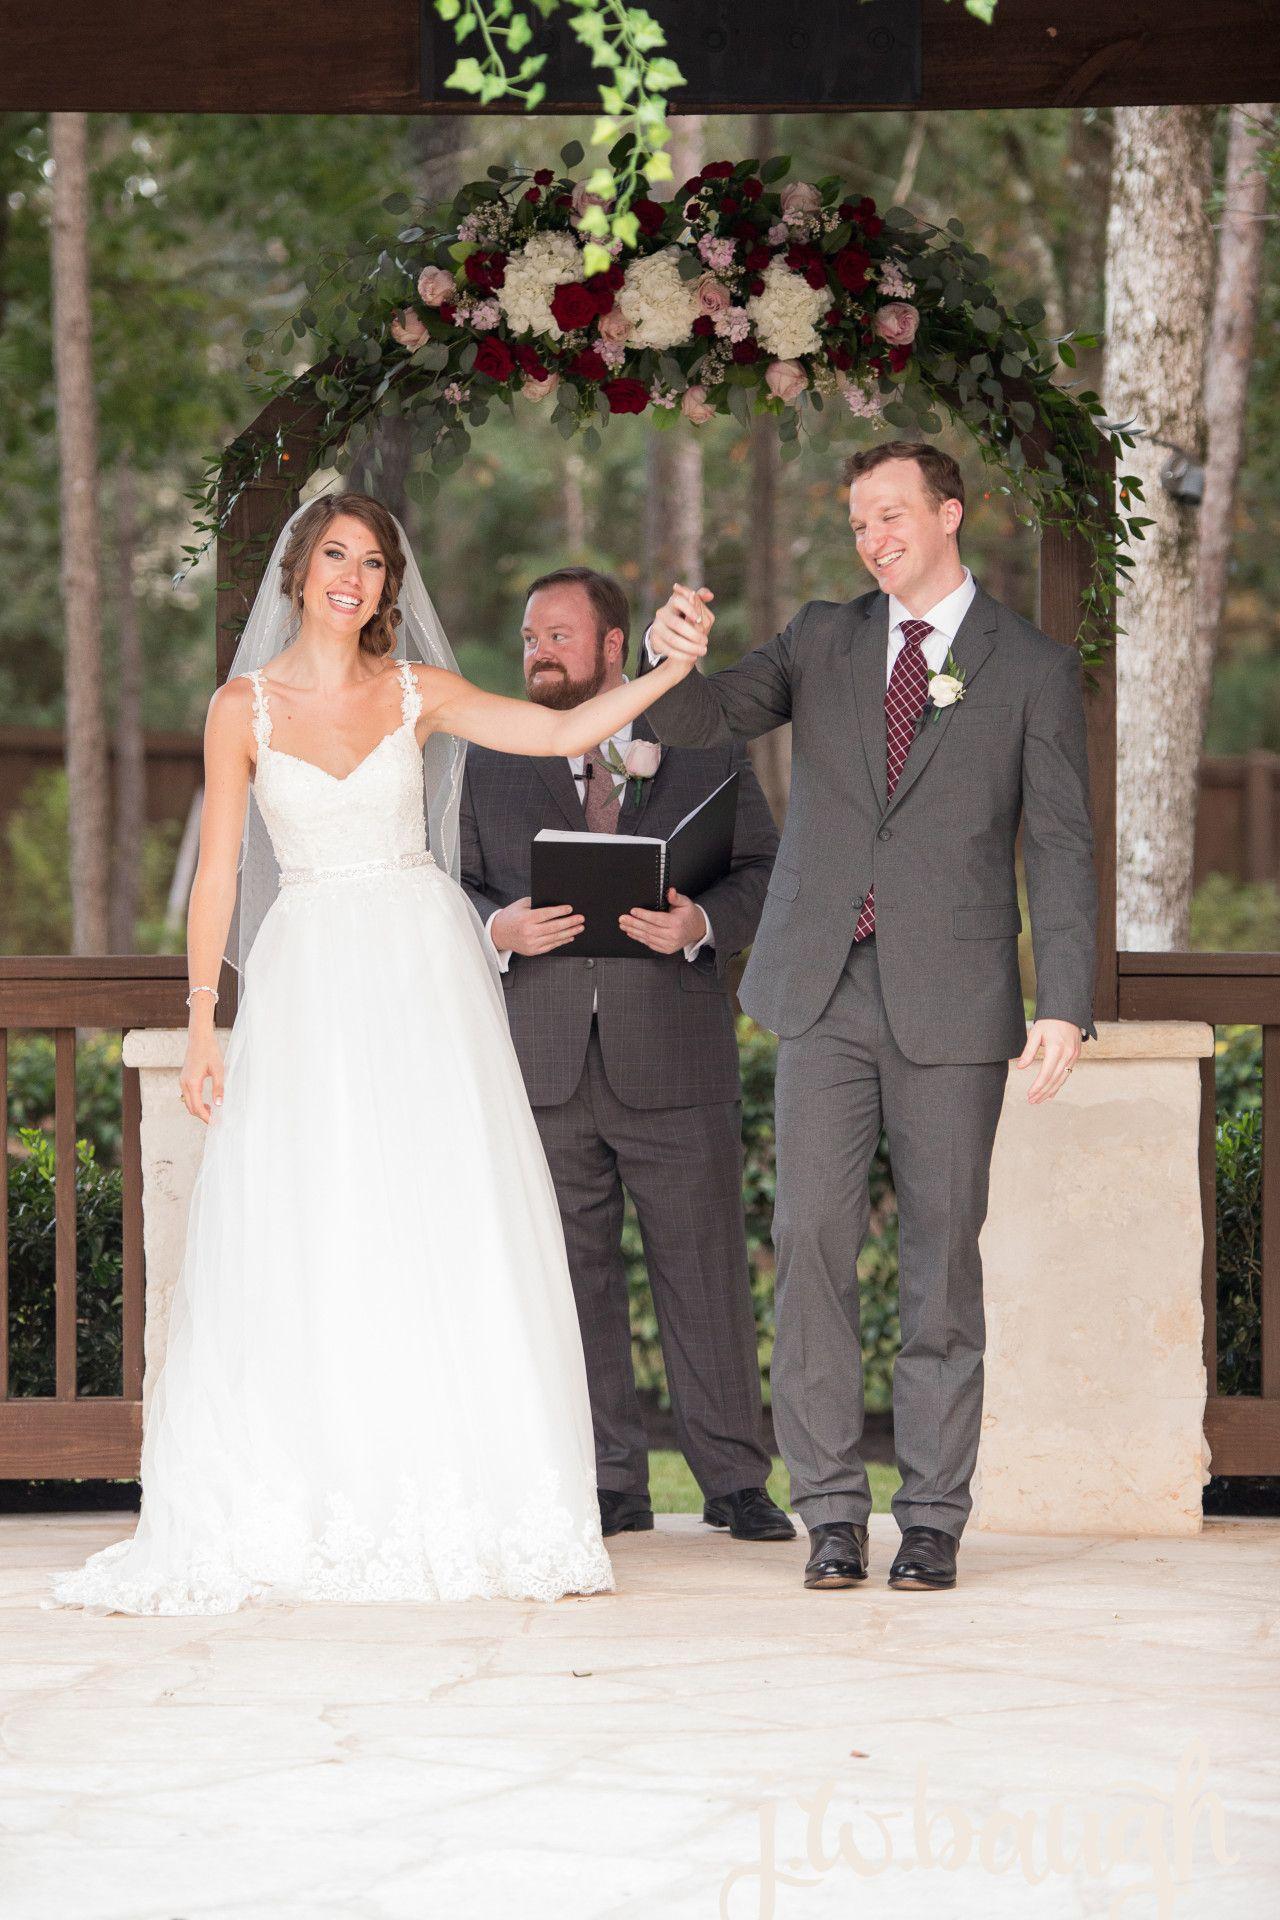 Wedding decor maroon  maroon wedding arch decor  maroon  blush pink wedding arch floral